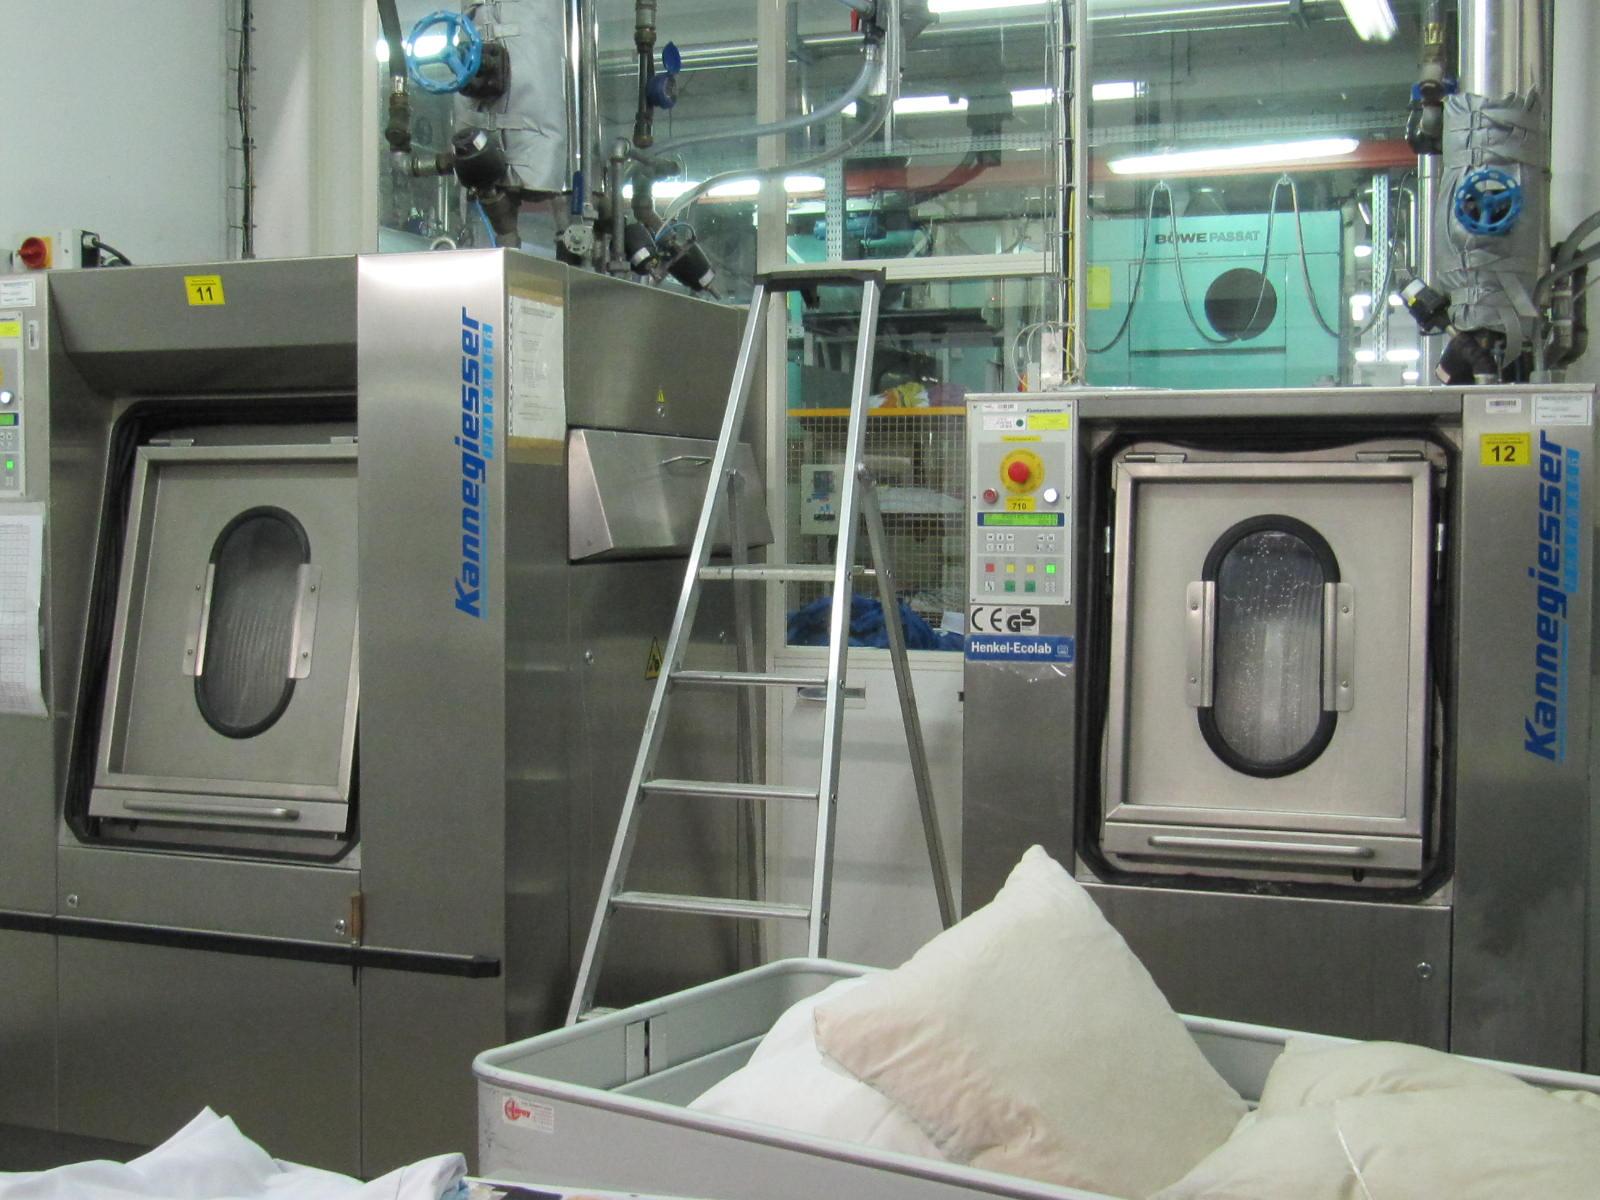 La blanchisserie de la marine une technologie la pointe brest bellevue - Vinaigre blanc lave linge dosage ...